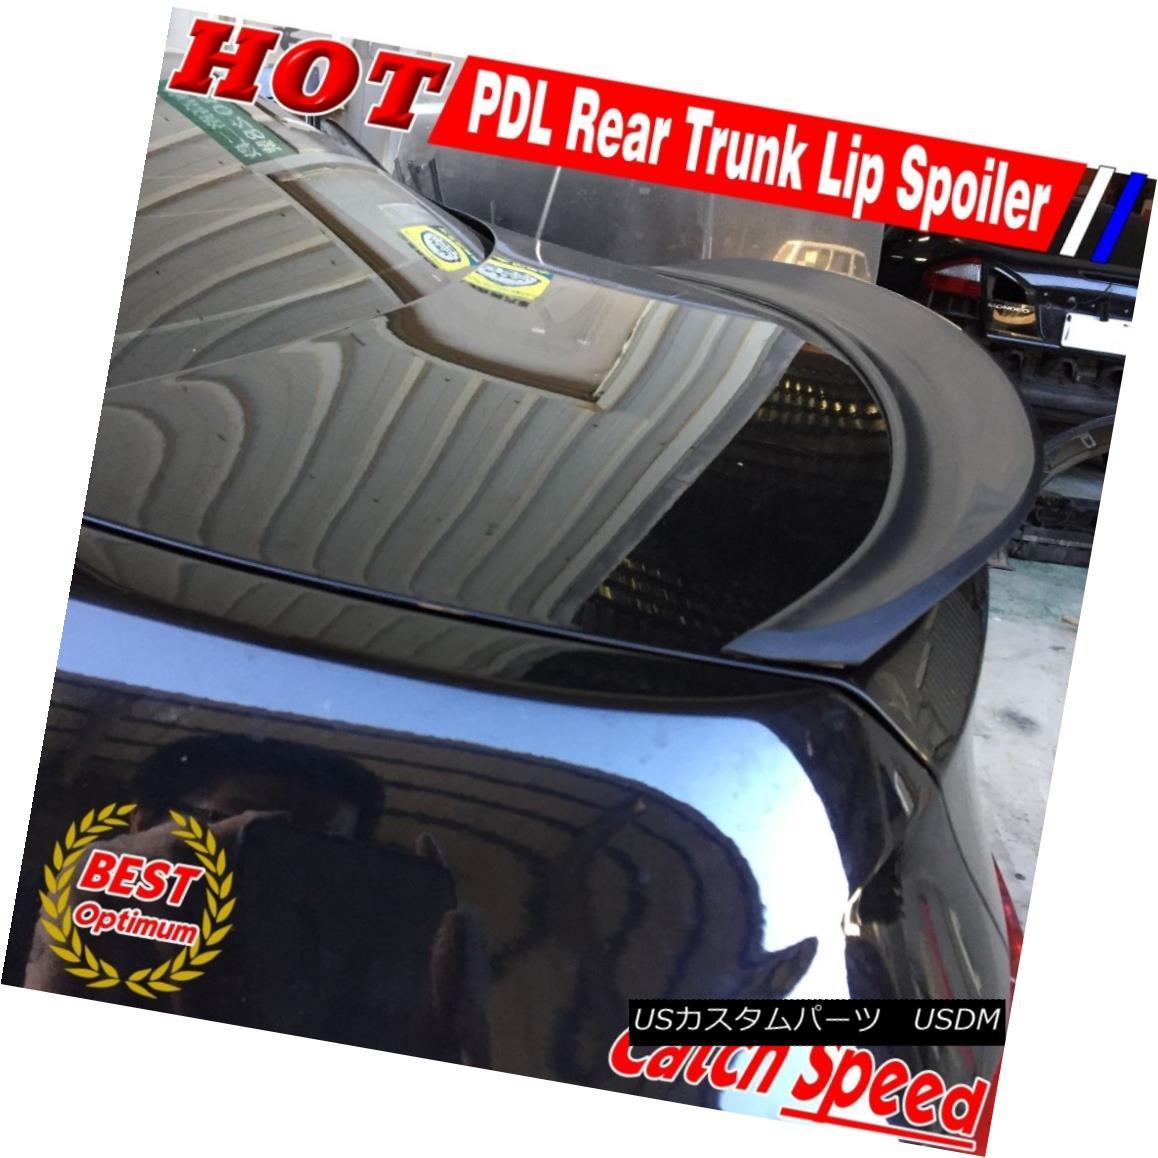 エアロパーツ Flat Black P Type Rear Trunk Lip Spoiler Wing For Volvo S80 Sedan 2007~2013 ボルボS80セダン用フラットブラックPタイプリアトランクリップスポイラーウイング2007?2013